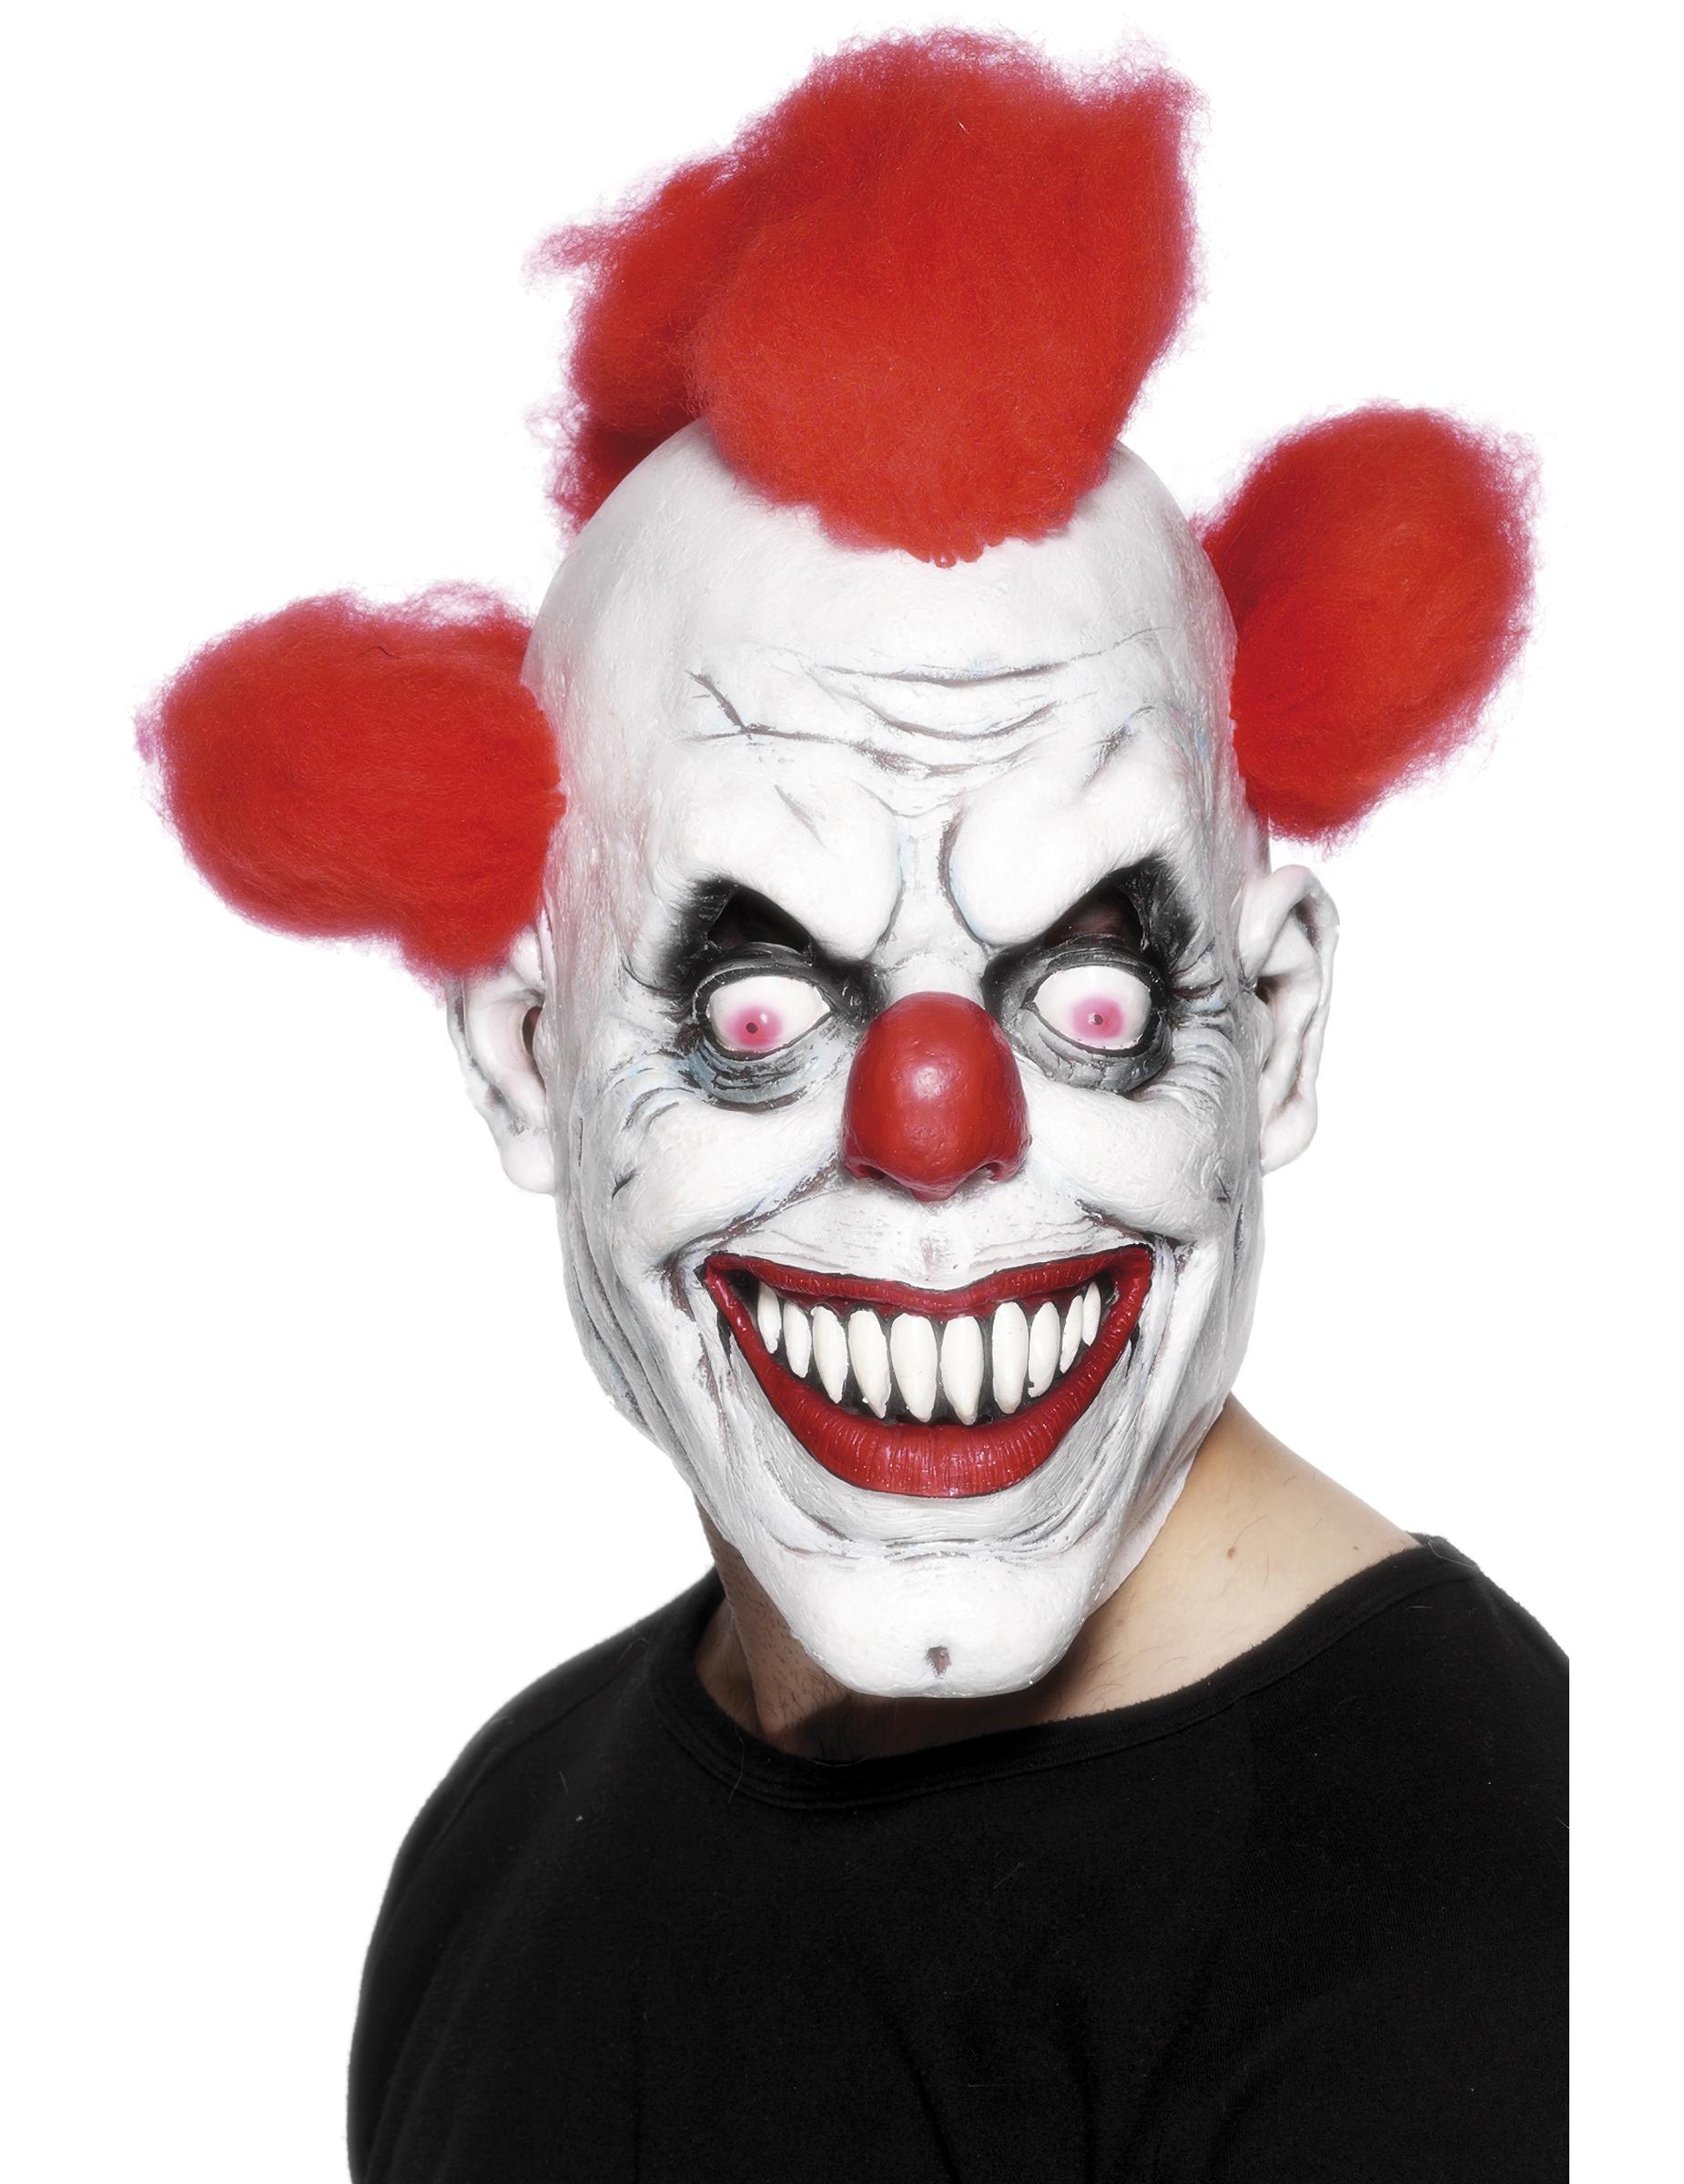 masque terrifiant de clown adulte halloween d coration anniversaire et f tes th me sur vegaoo. Black Bedroom Furniture Sets. Home Design Ideas